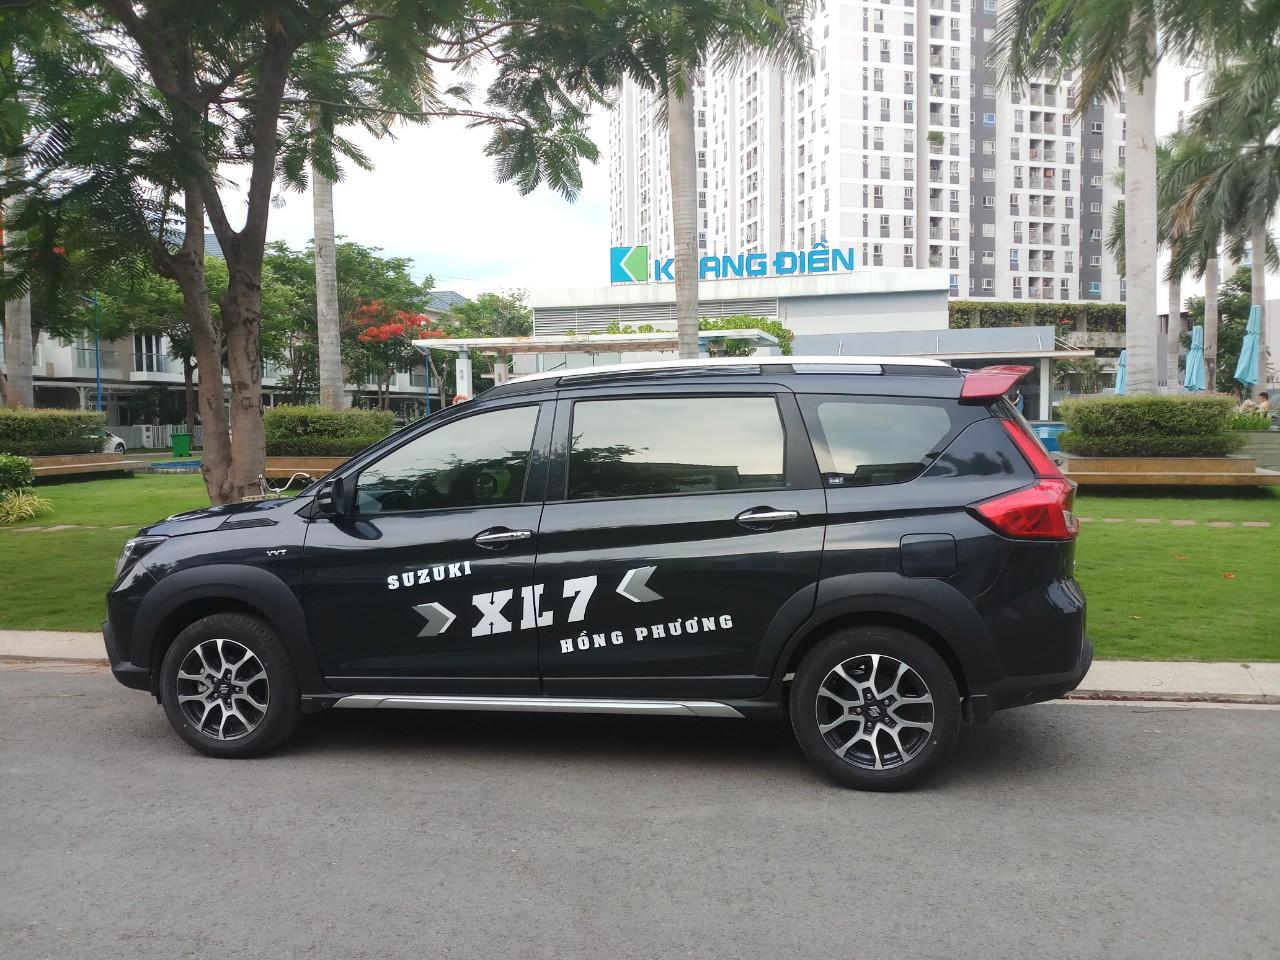 Xe ô tô Suzuki XL7 thiết kế sang trọng, tinh tế trong từng chi tiết